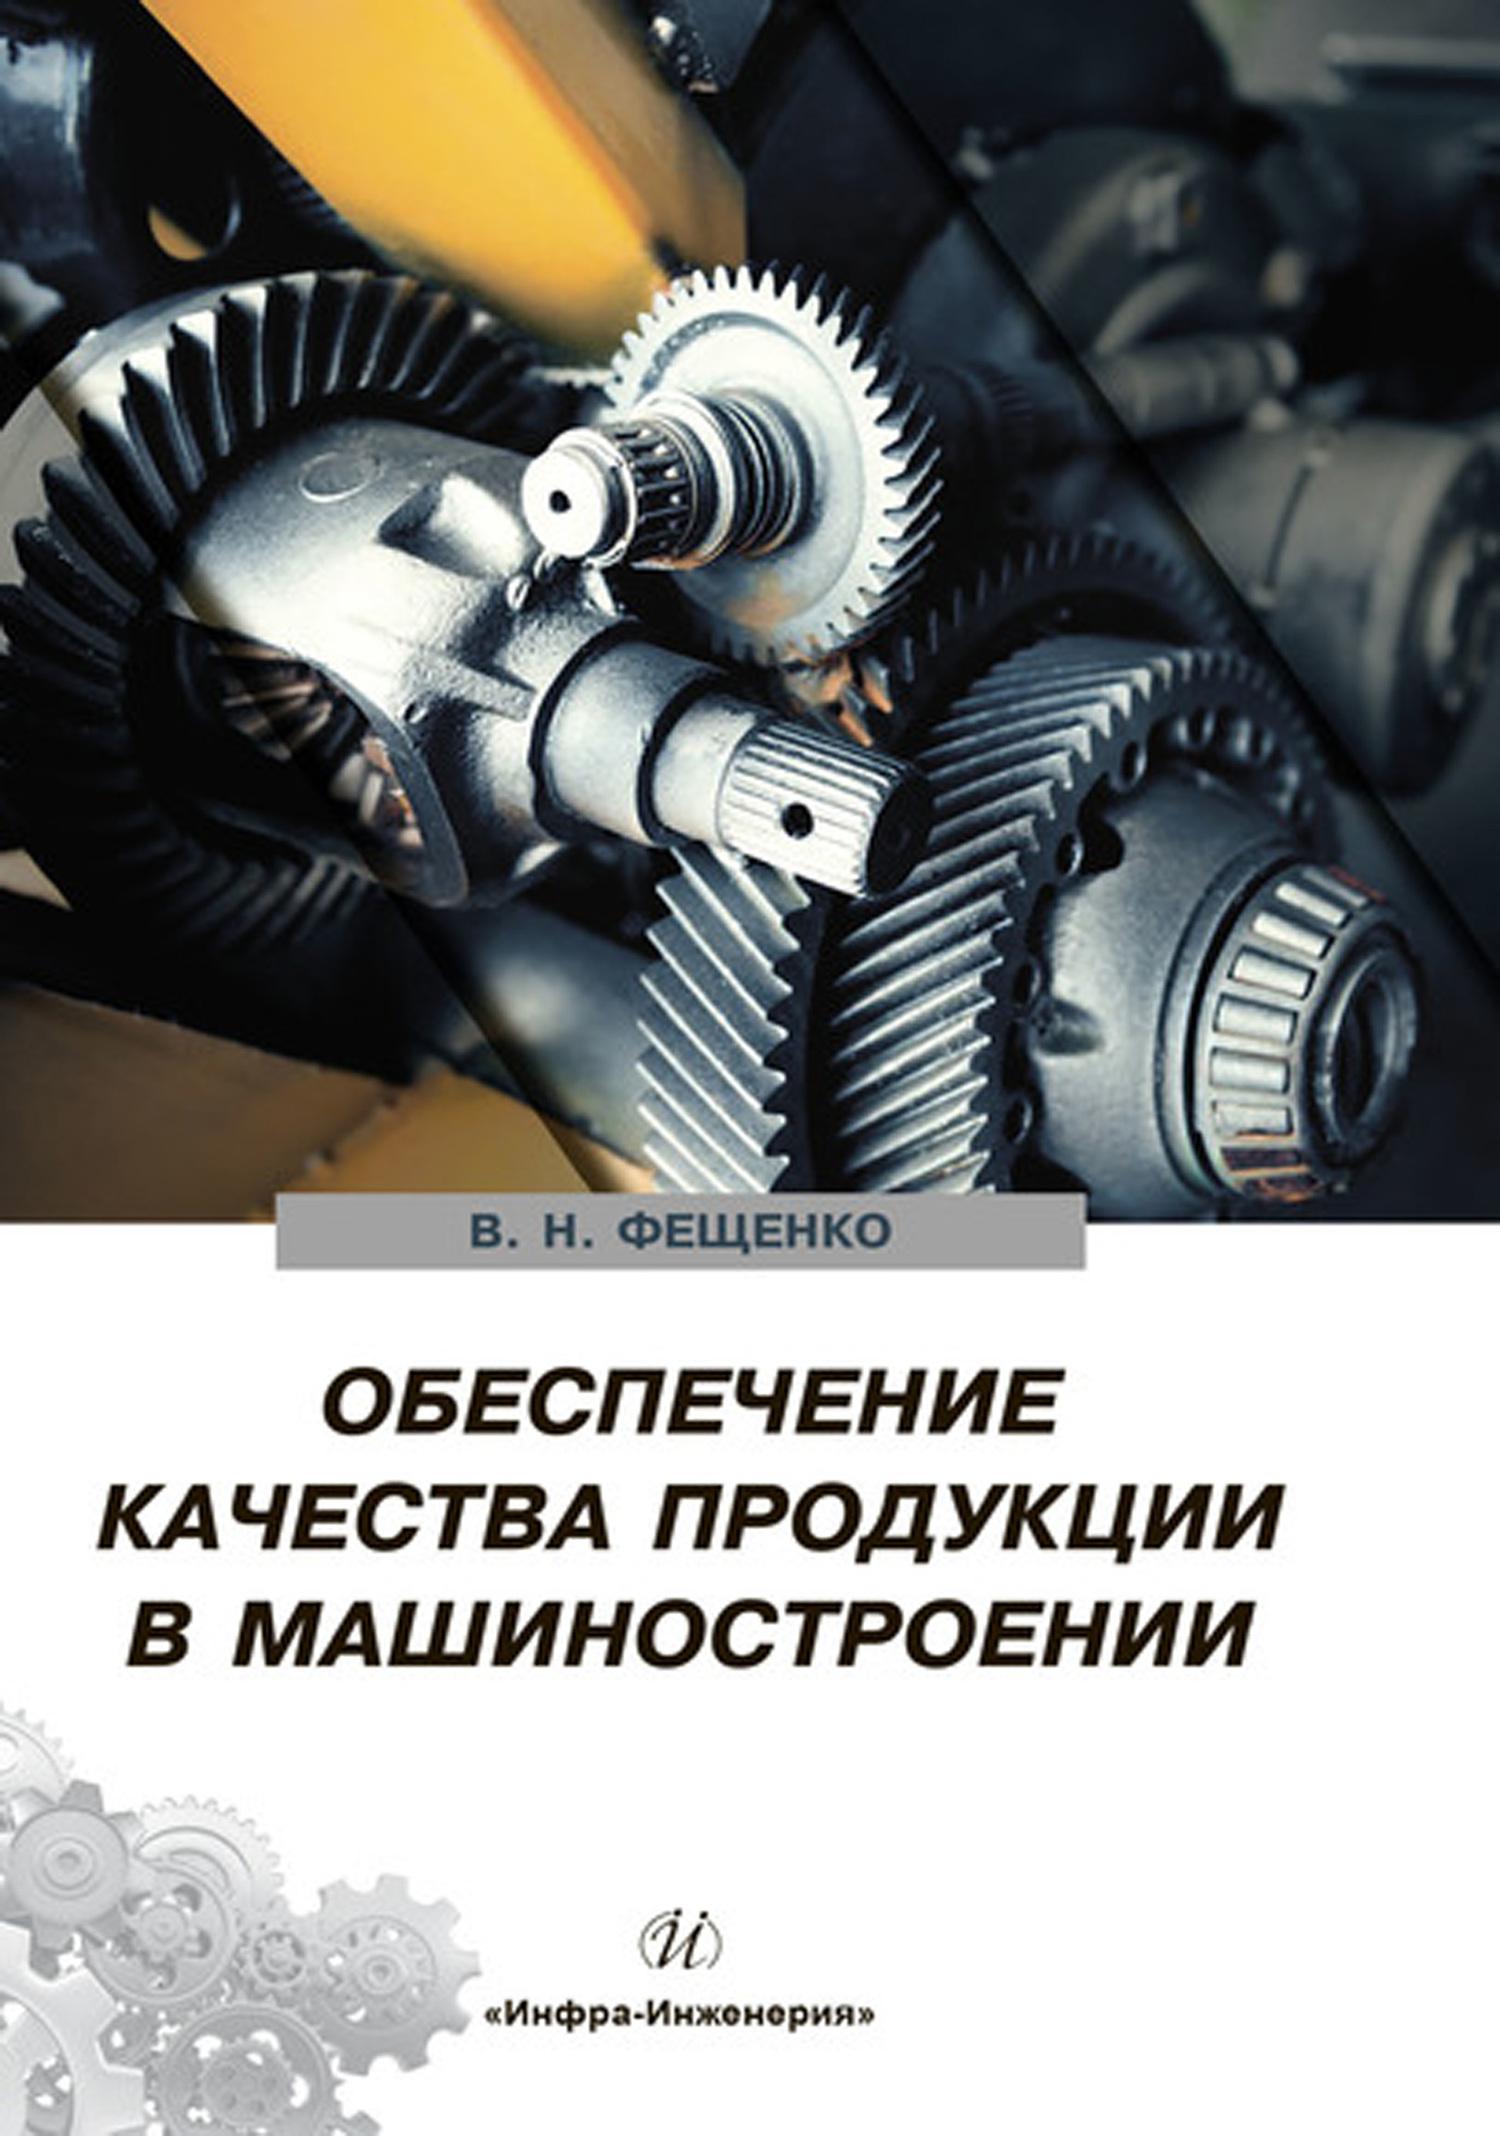 Обеспечение качества продукции в машиностроении